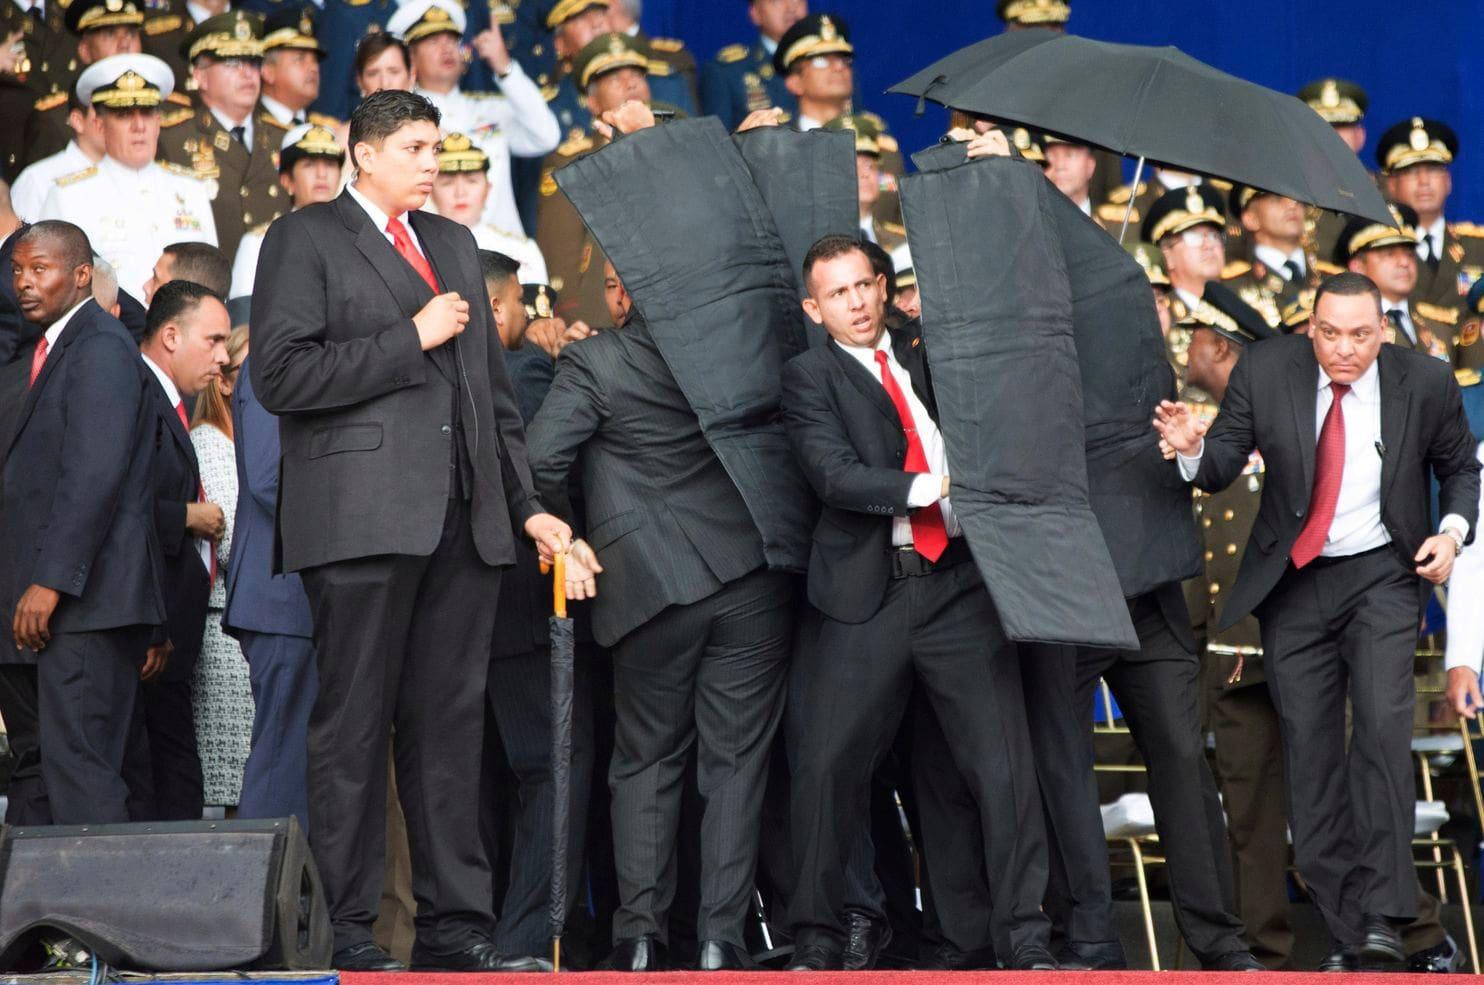 Venezuelan President Maduro drone attack